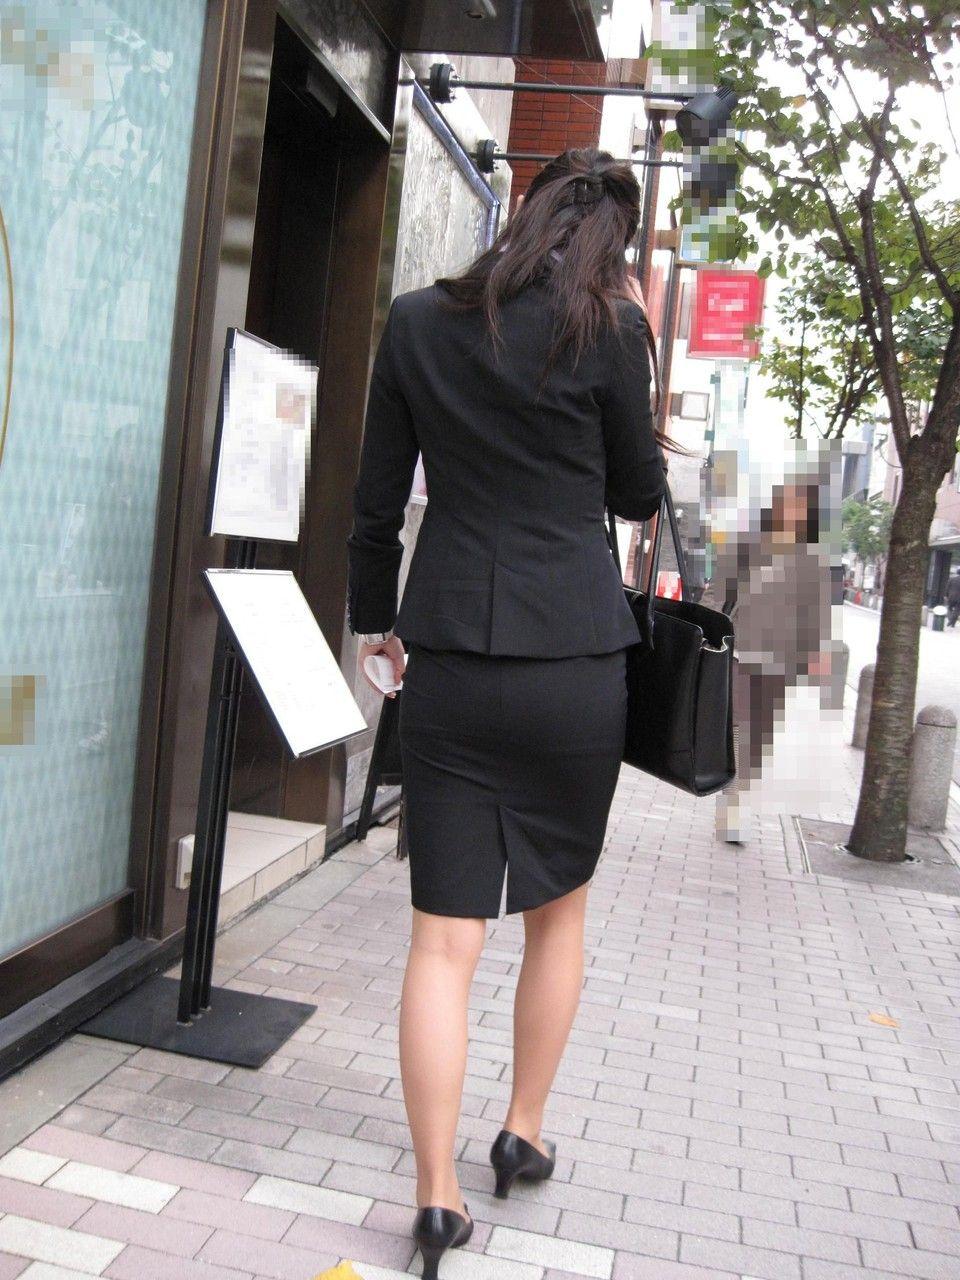 就活追い込み中で忙しく街中を動き回るリクスー女子大生4枚目